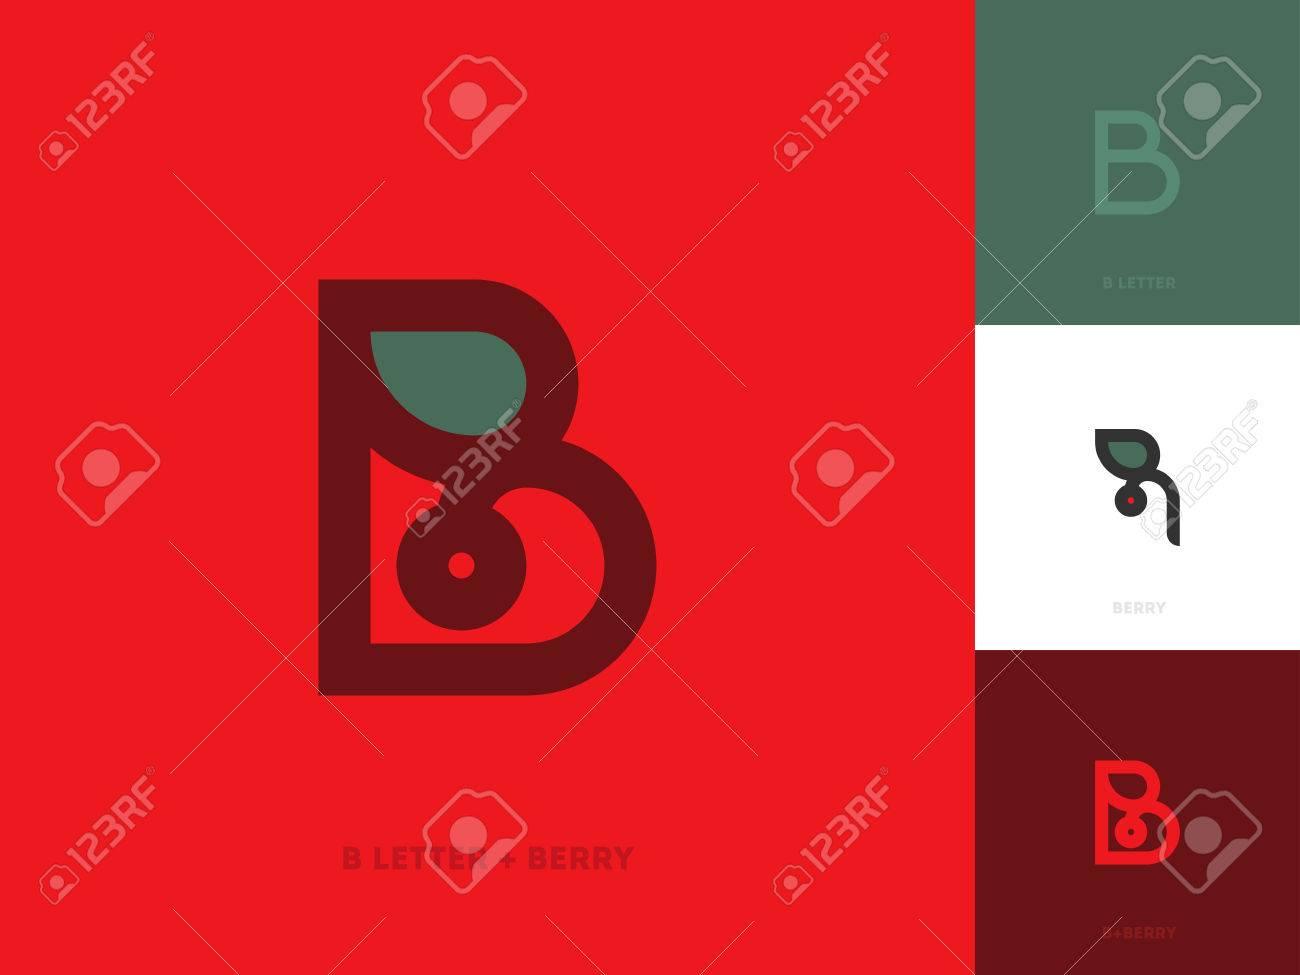 Modèle Élégant De Logo En Ligne Avec Lettre B Et Baie Rouge Avec Feuille encequiconcerne Feuille Ligne Lettre